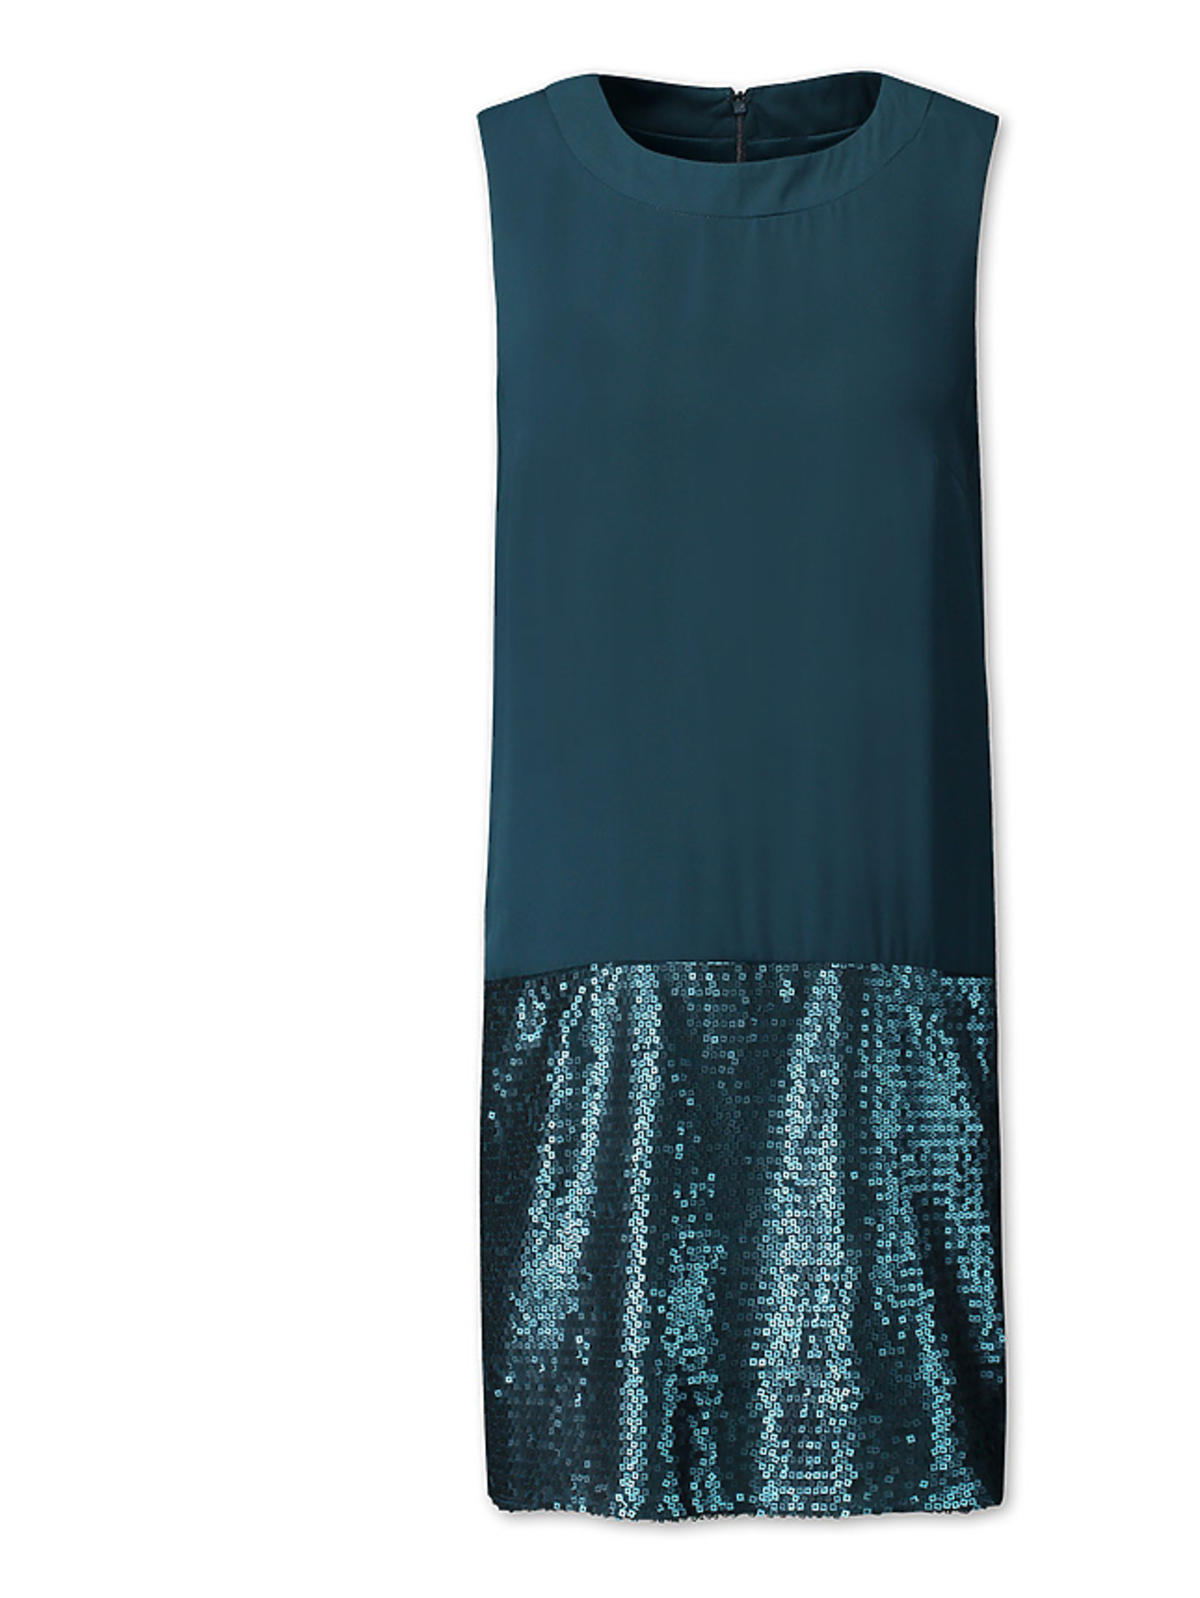 Sukienka szyfonowa z cekinami, C&A, przecniona z 129,00 zł na 90,30 zł